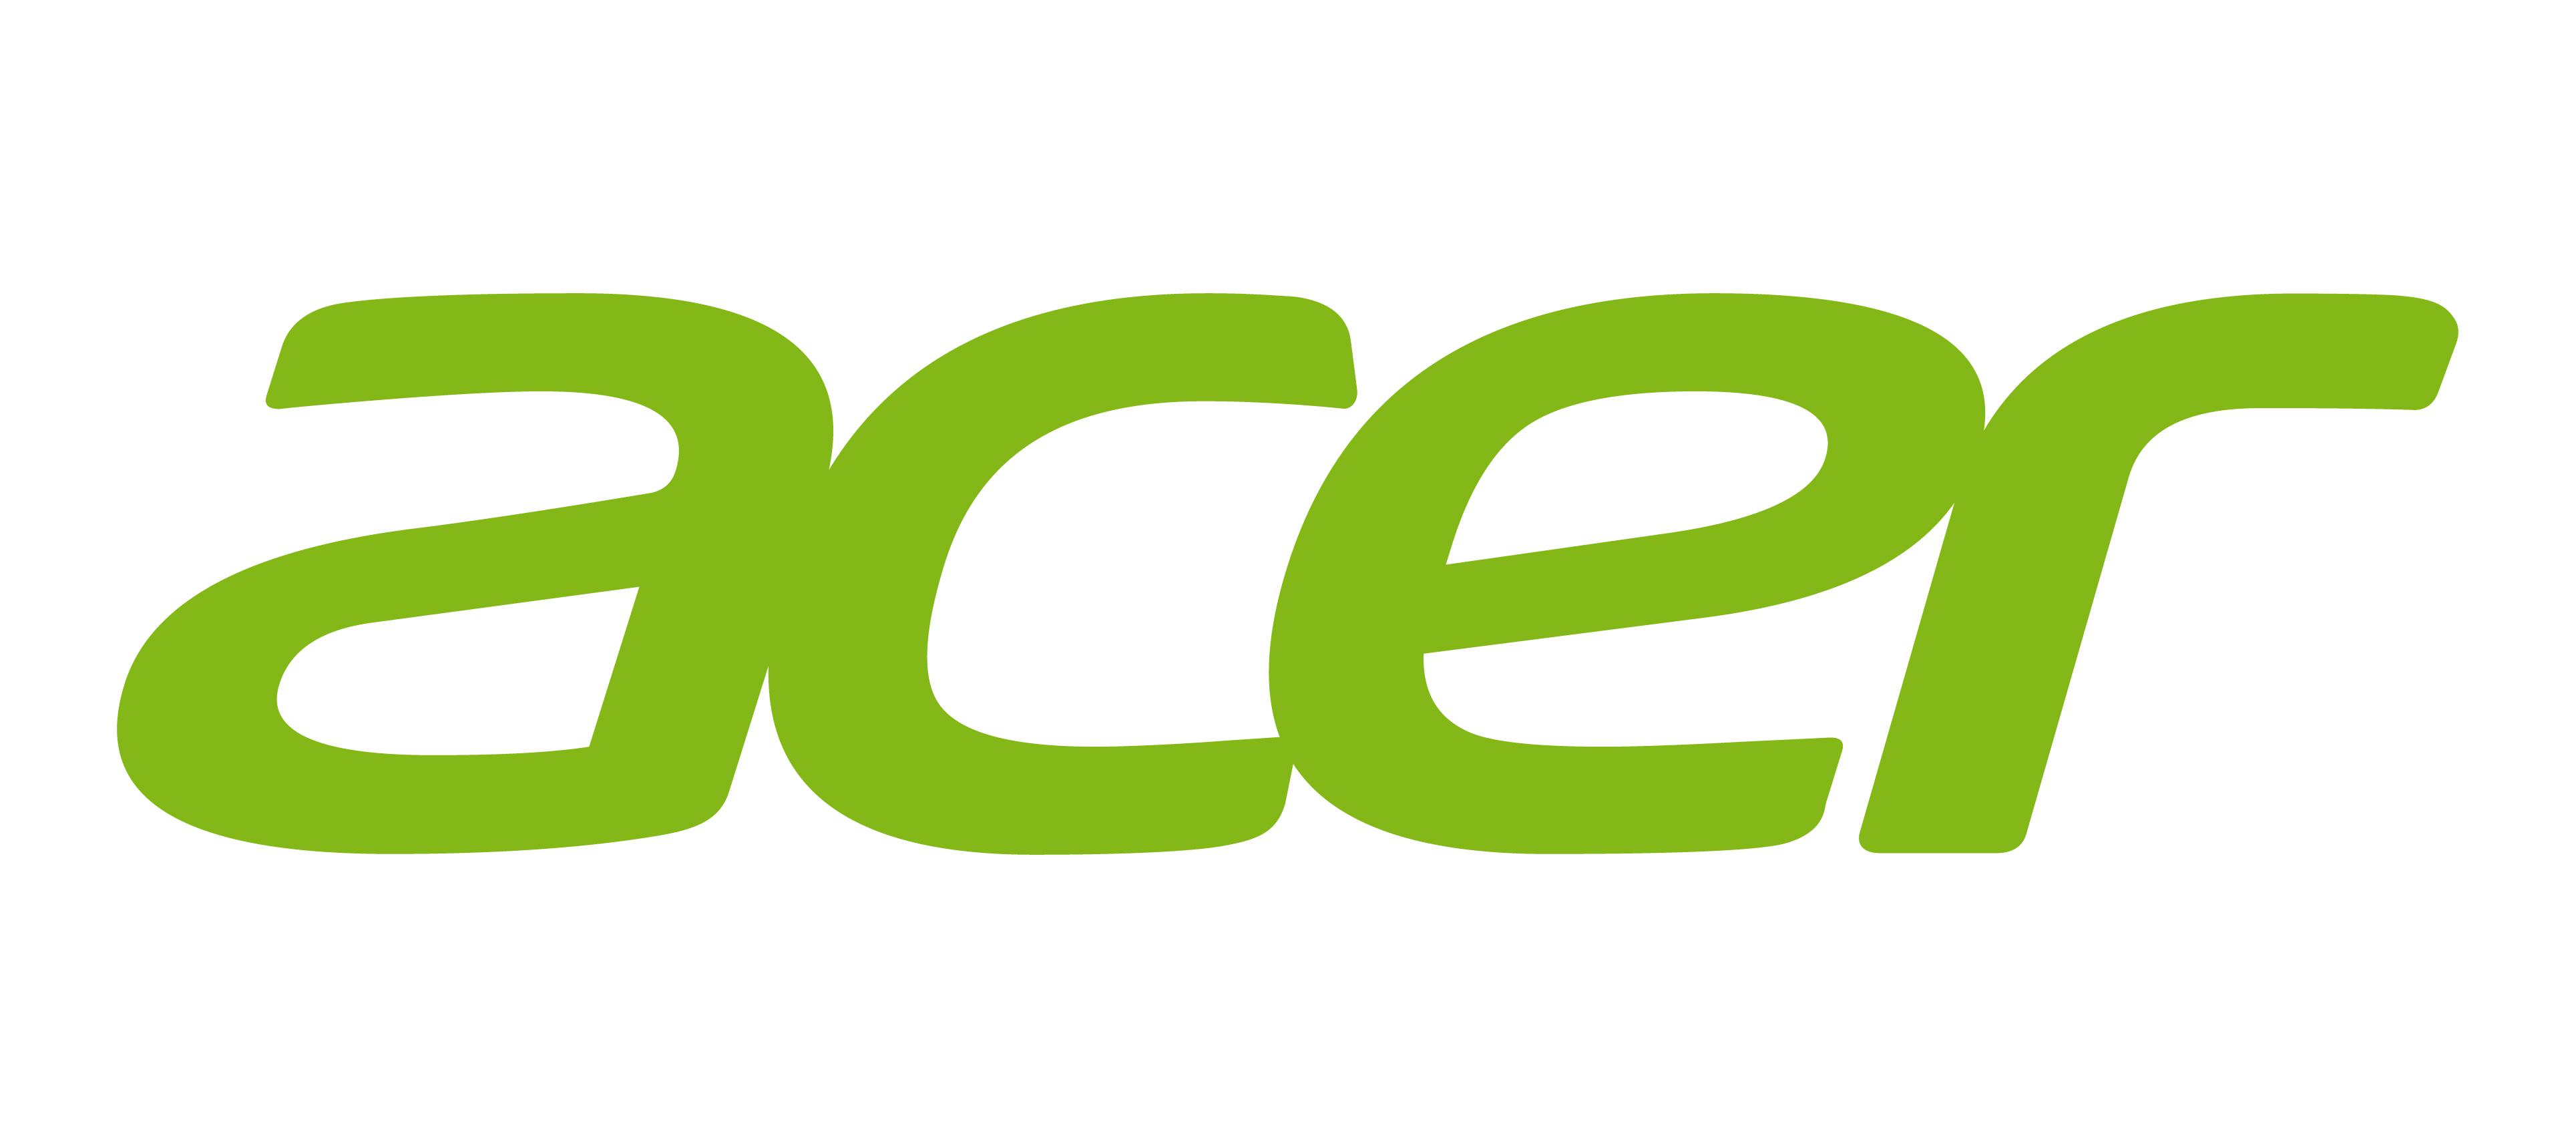 Acer-New logo